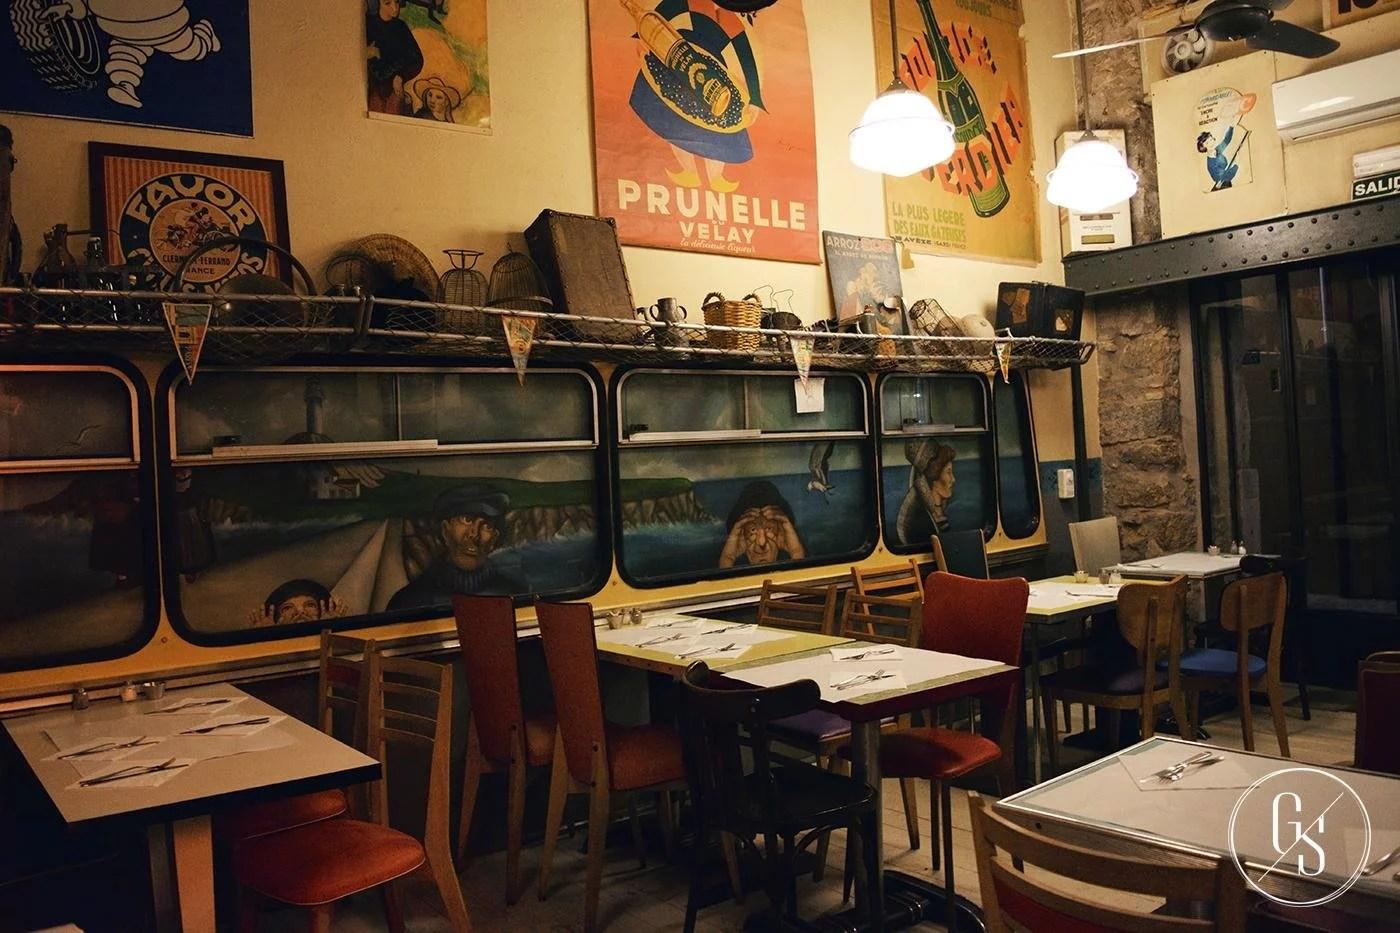 Crêperie Bretonne Girona